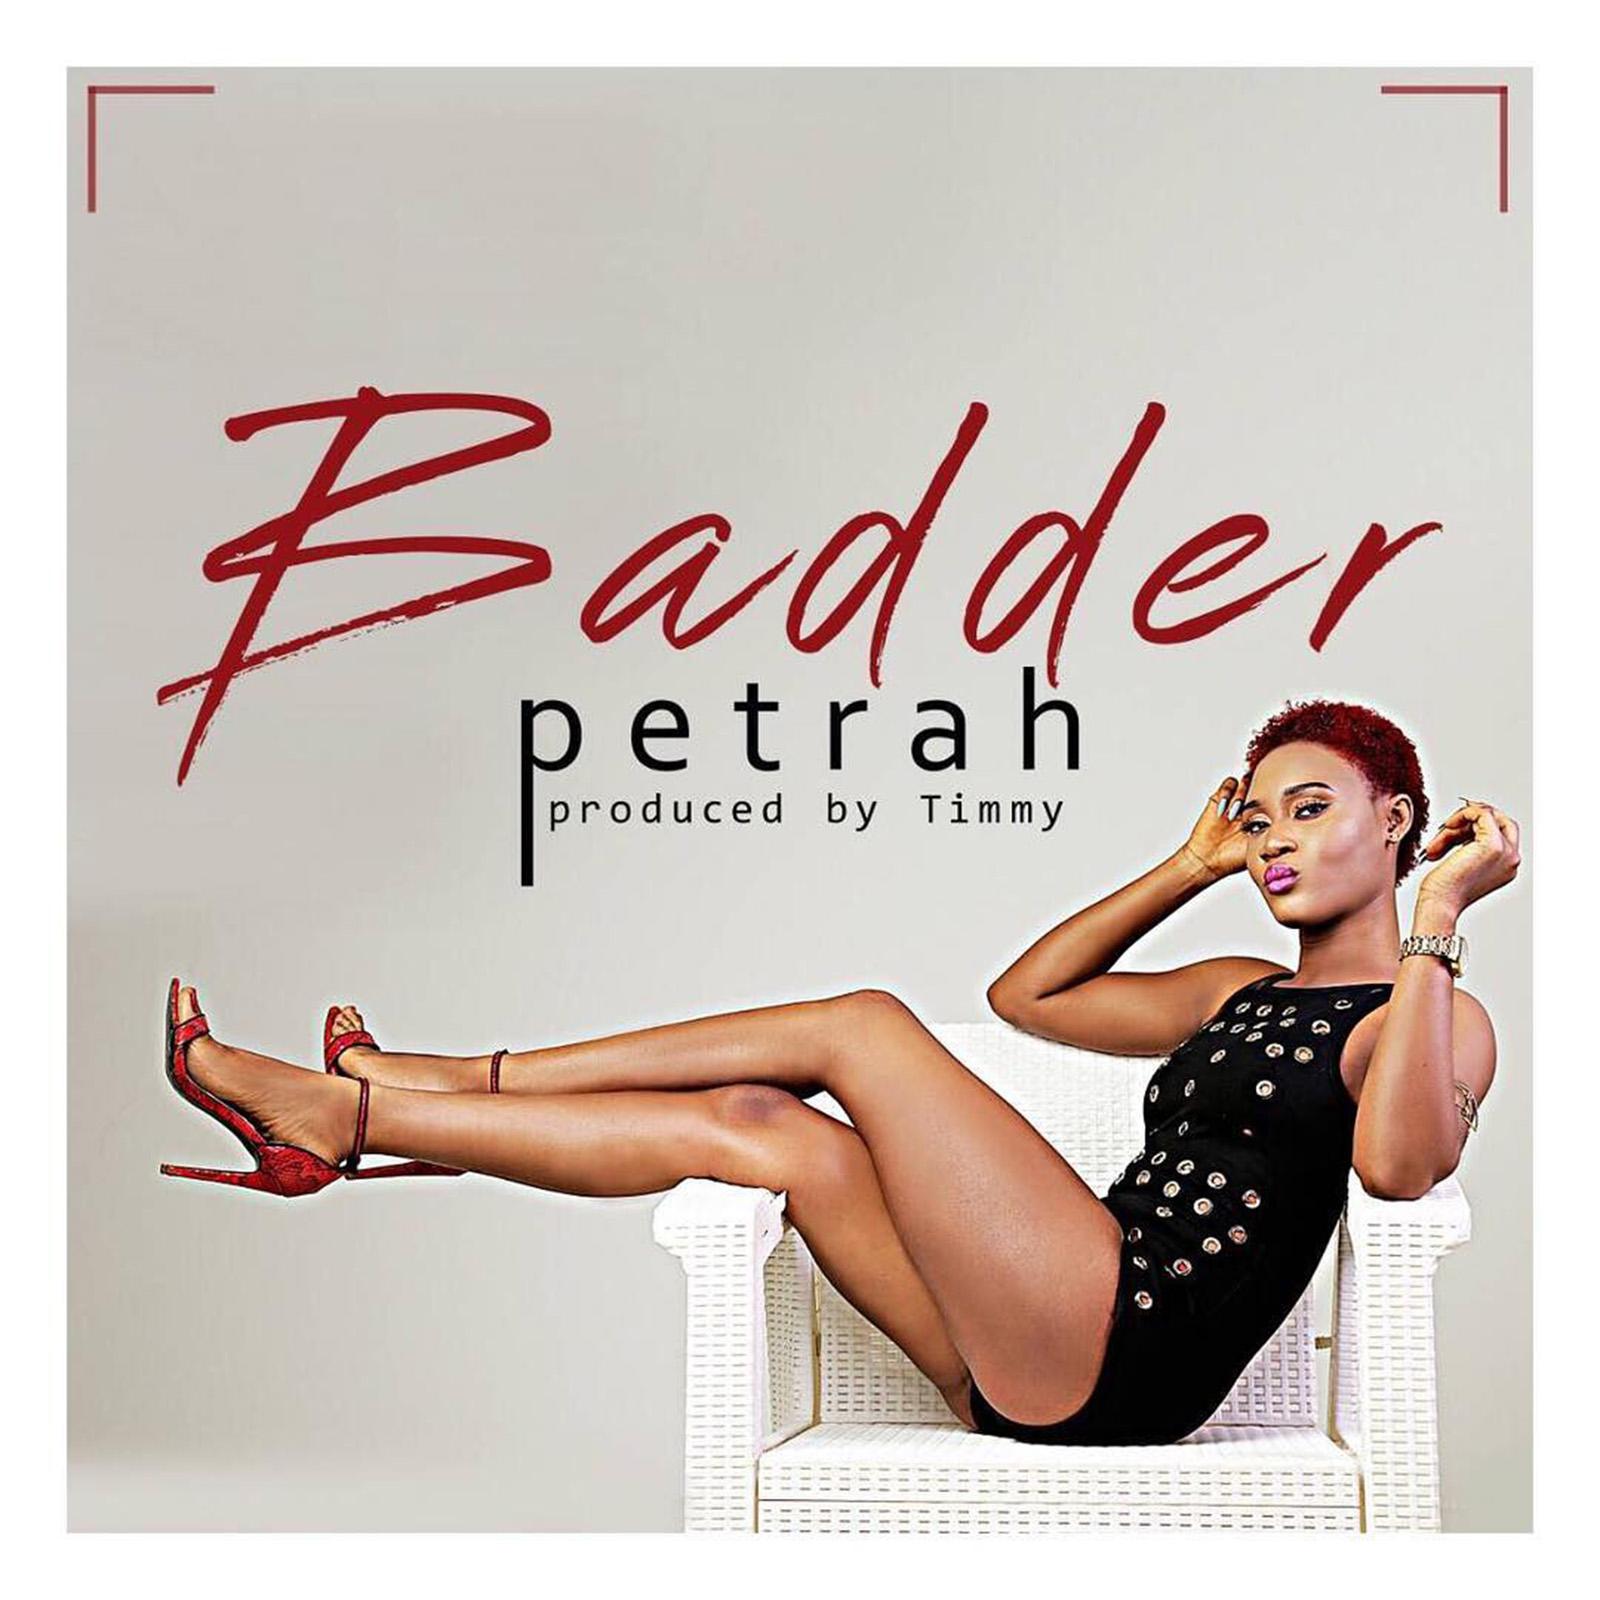 Badder by Petrah